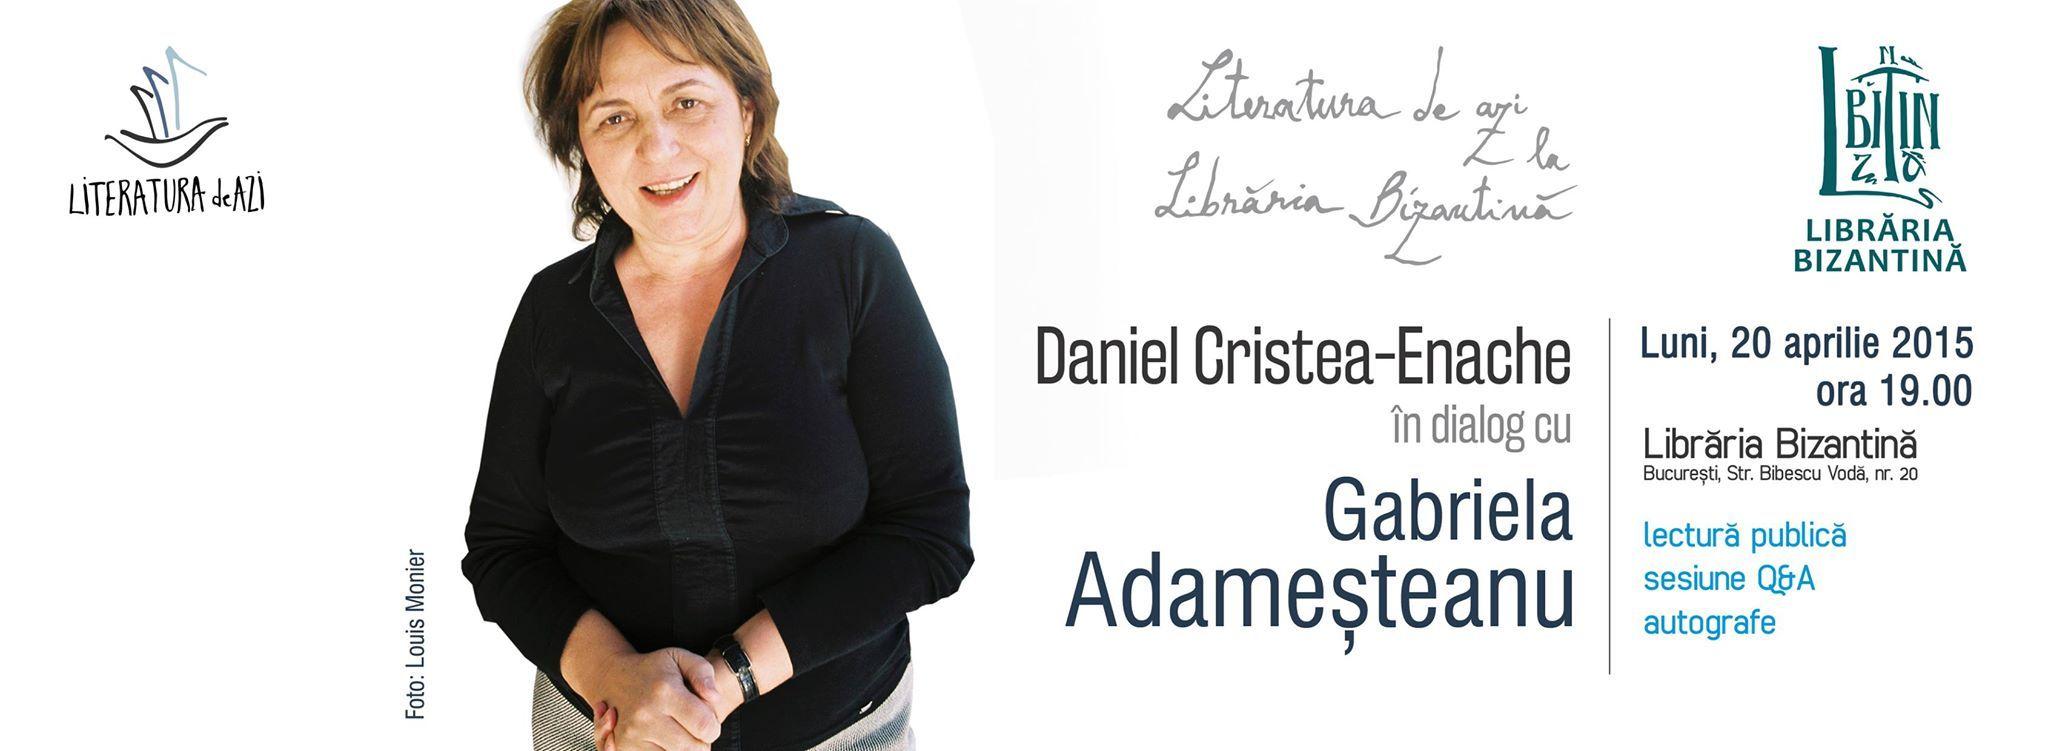 Daniel Cristea-Enache în dialog cu Gabriela Adameșteanu